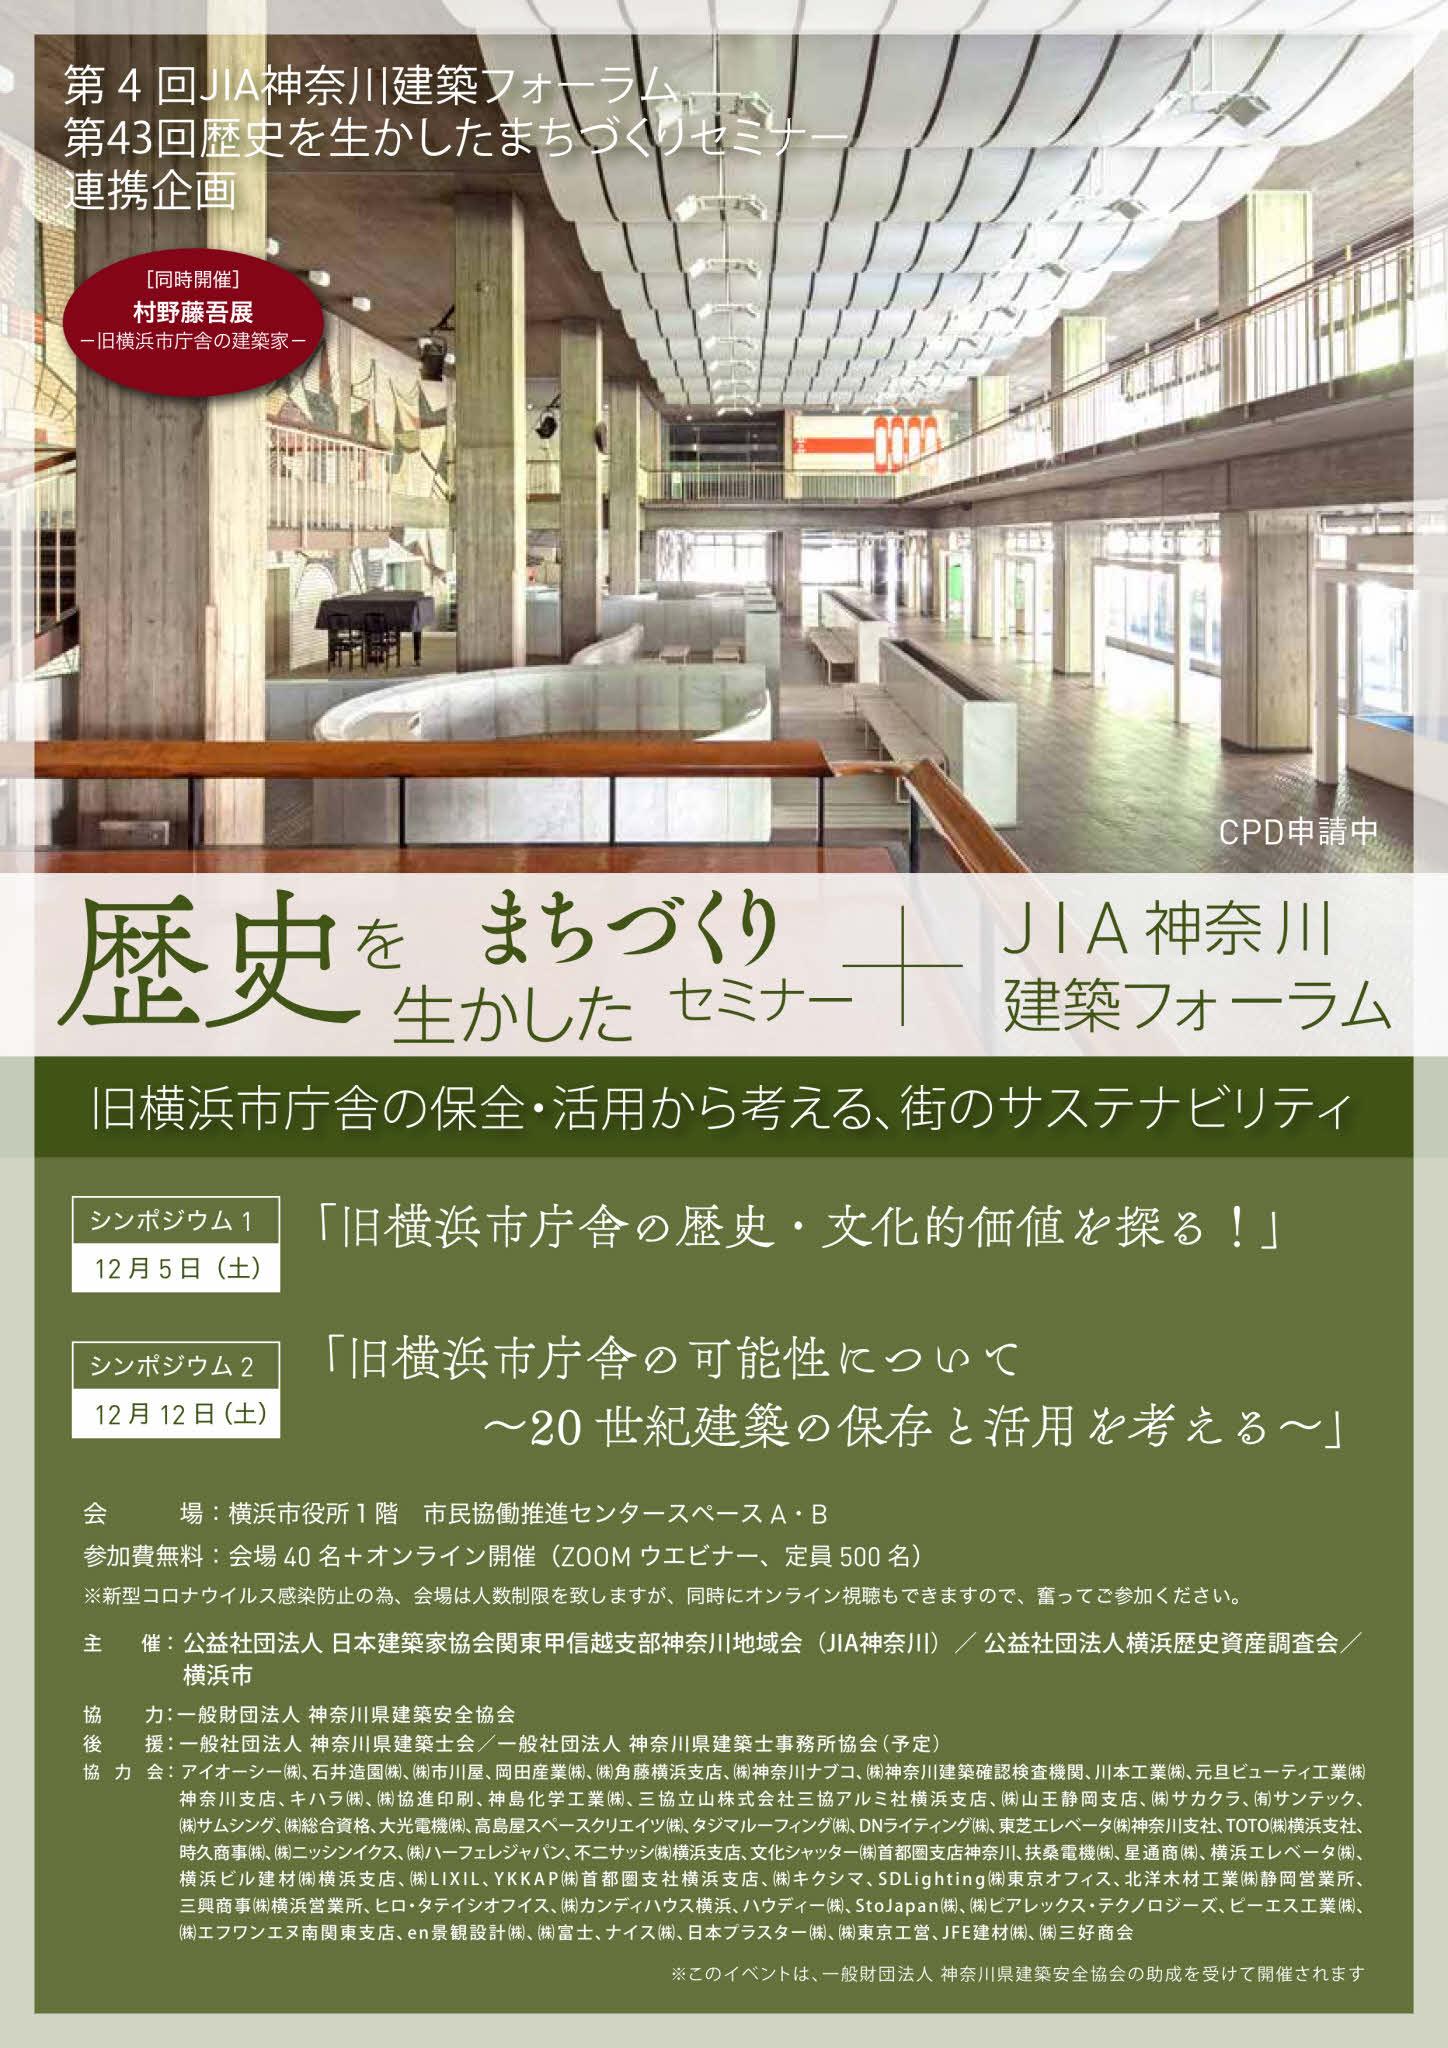 歴史を生かしたまちづくりセミナー+JIA神奈川建築フォーラム [シンポ1 12月5日・ シンポ2 12月12日]開催のお知らせ